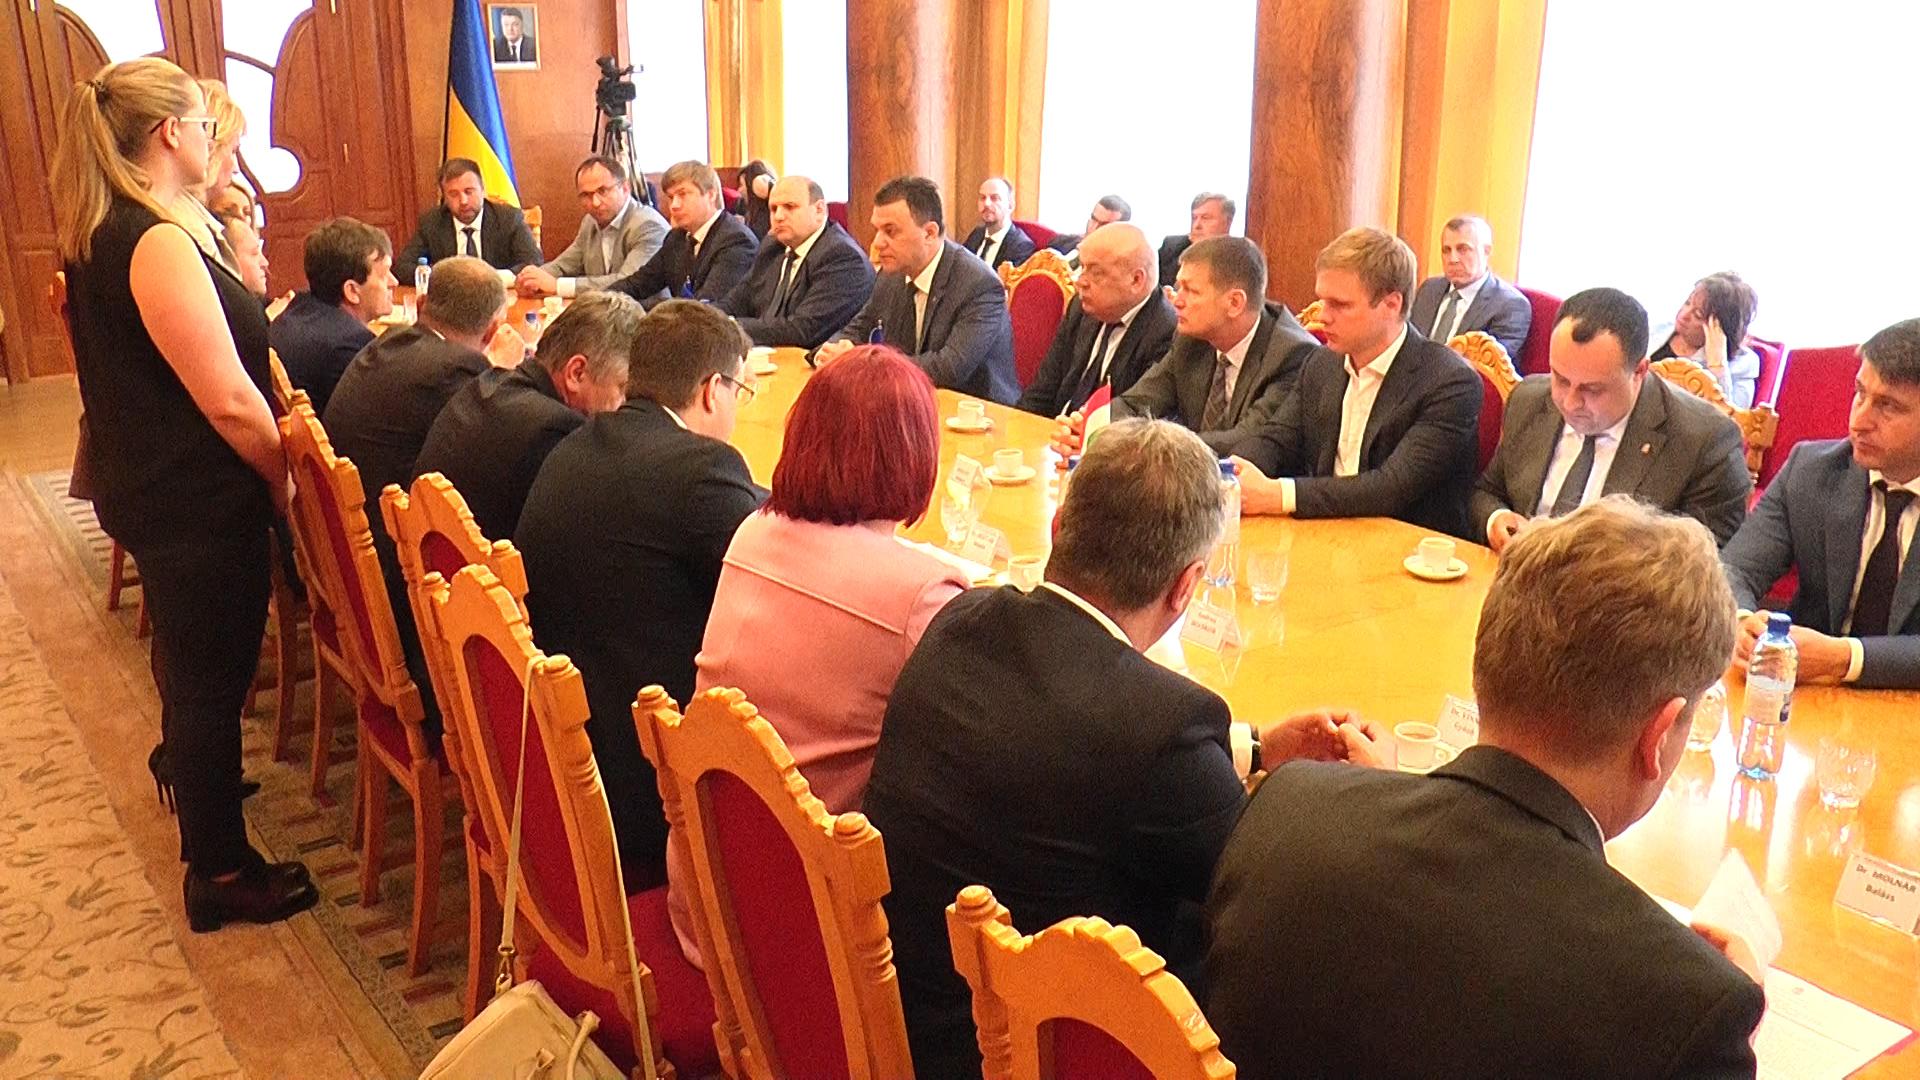 Рамкова угода як новий інструмент співпраці з Євросоюзом (ВІДЕО)